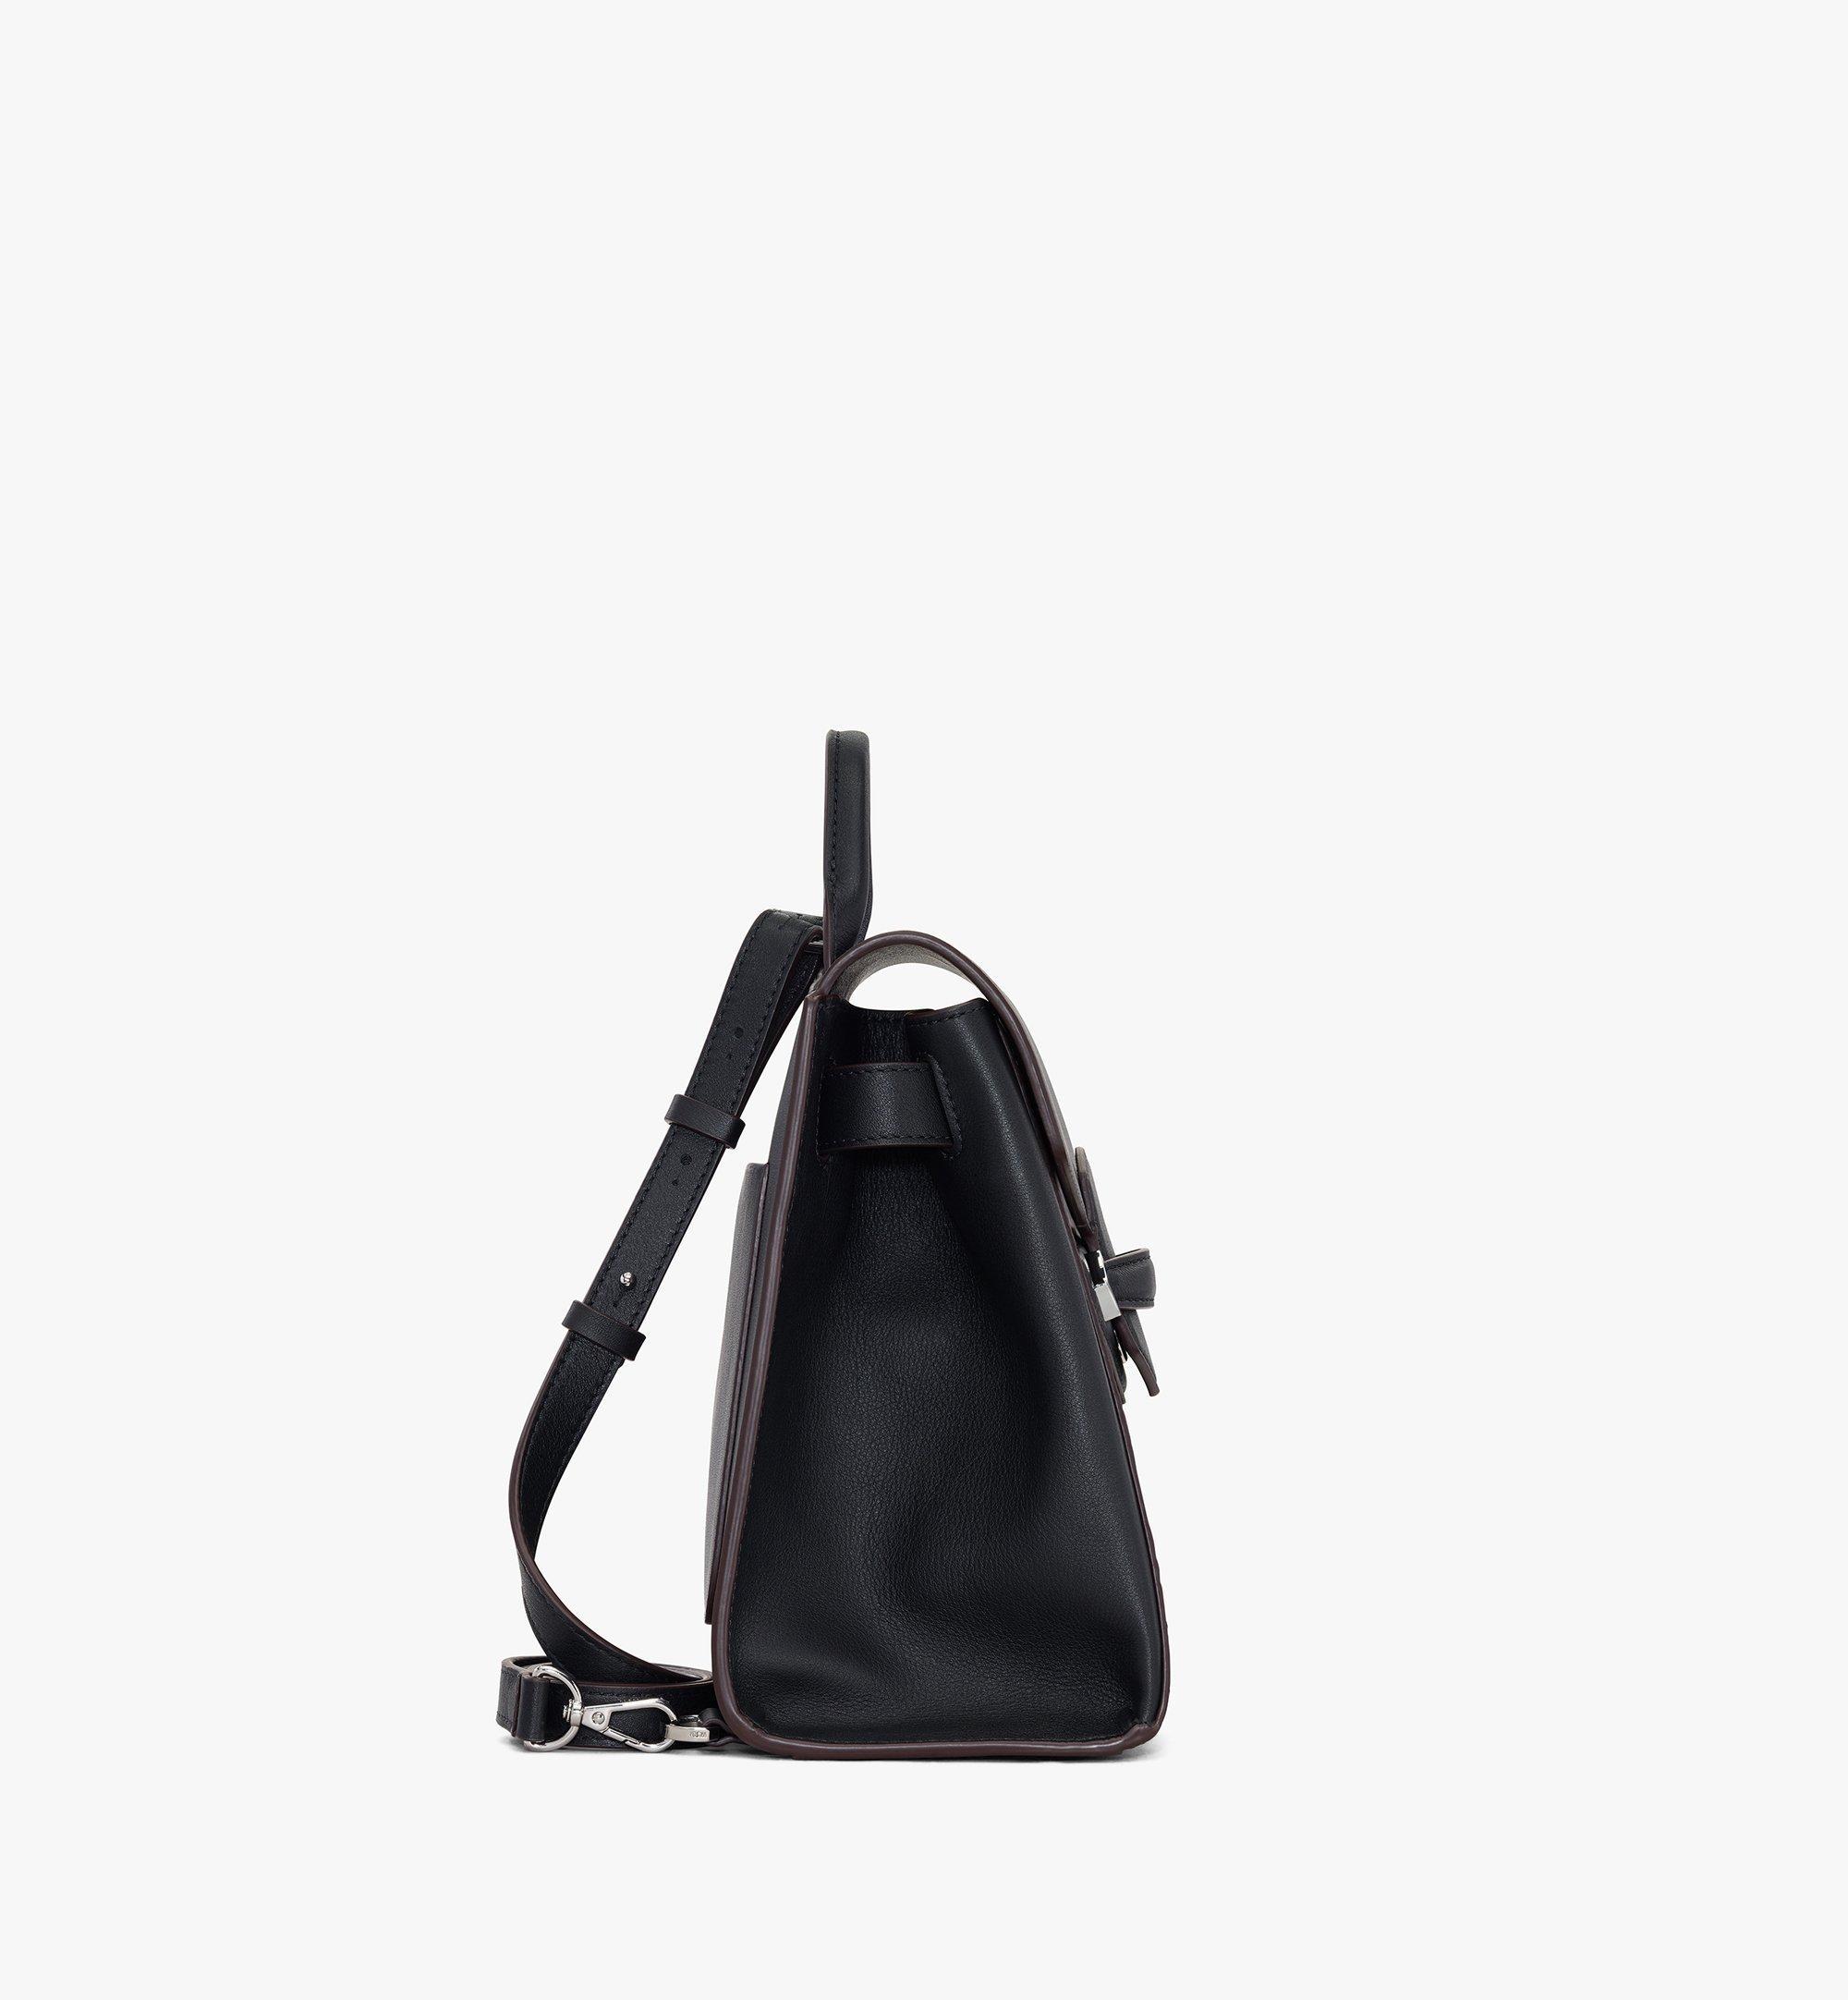 MCM Essential Backpack in Visetos Original Black MWKASSE02BK001 Alternate View 1